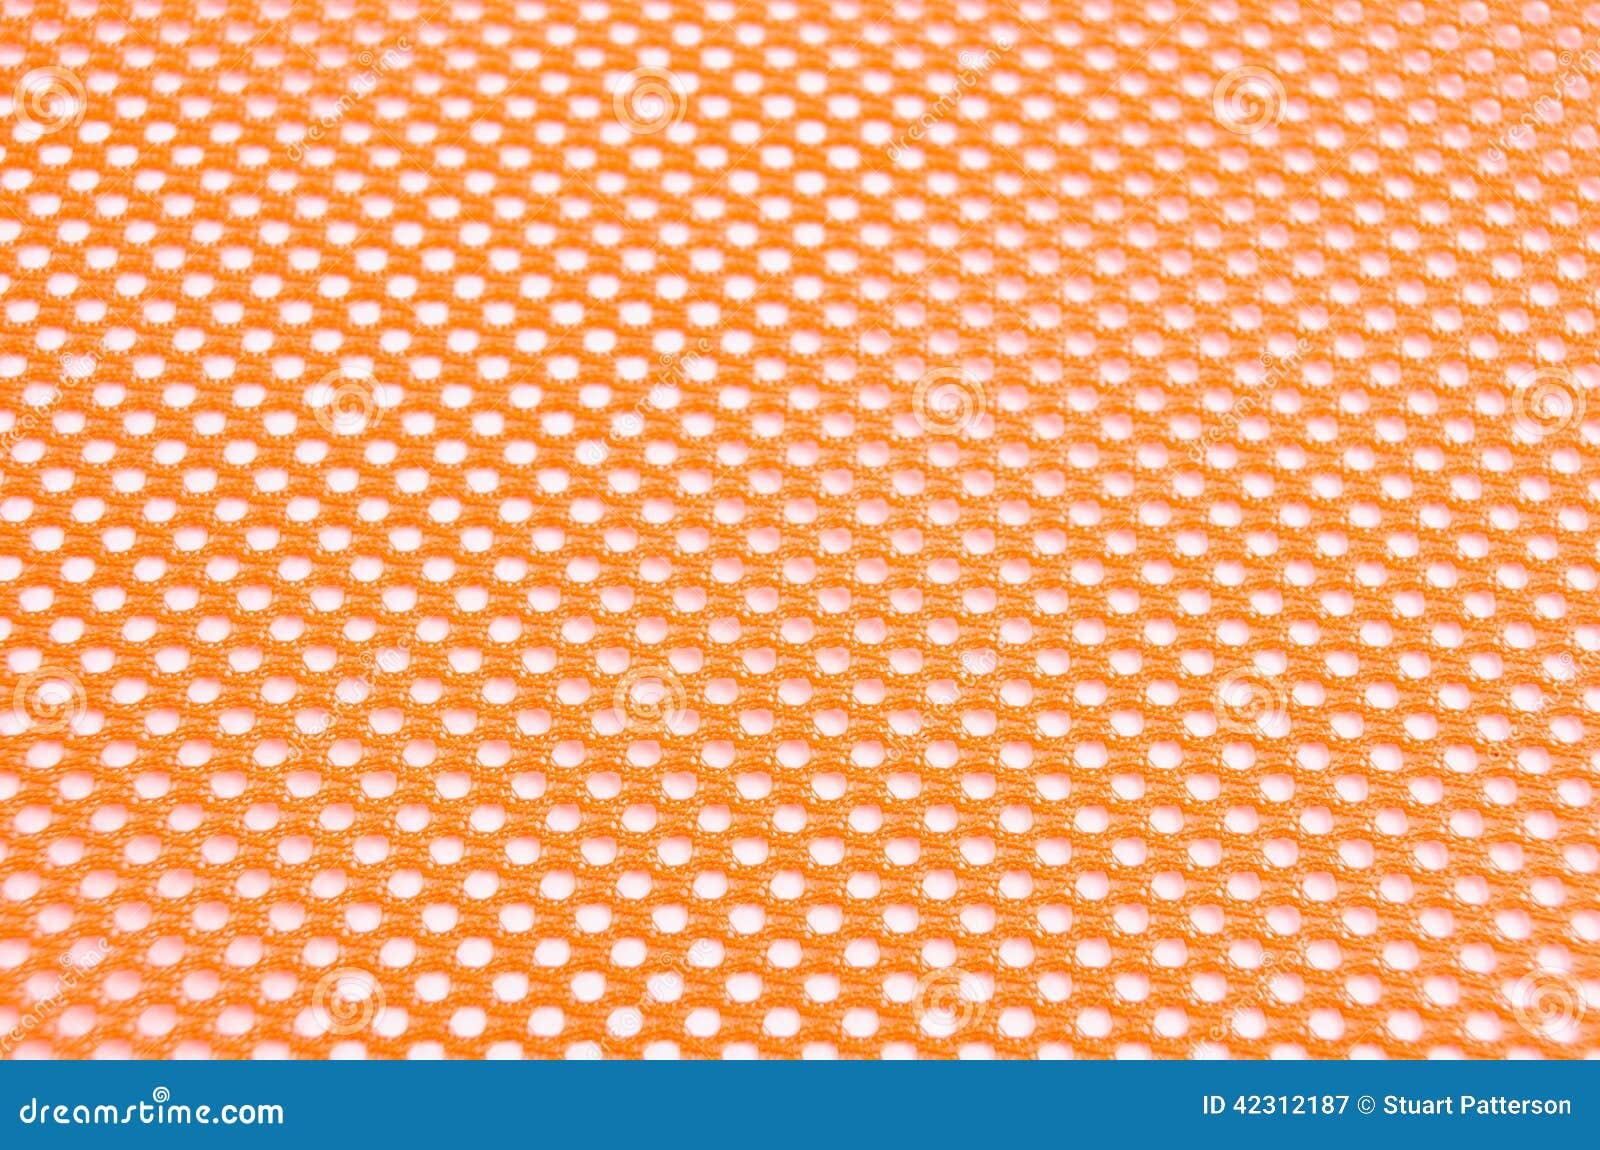 Orange Safety Mesh Stock Photo Image 42312187